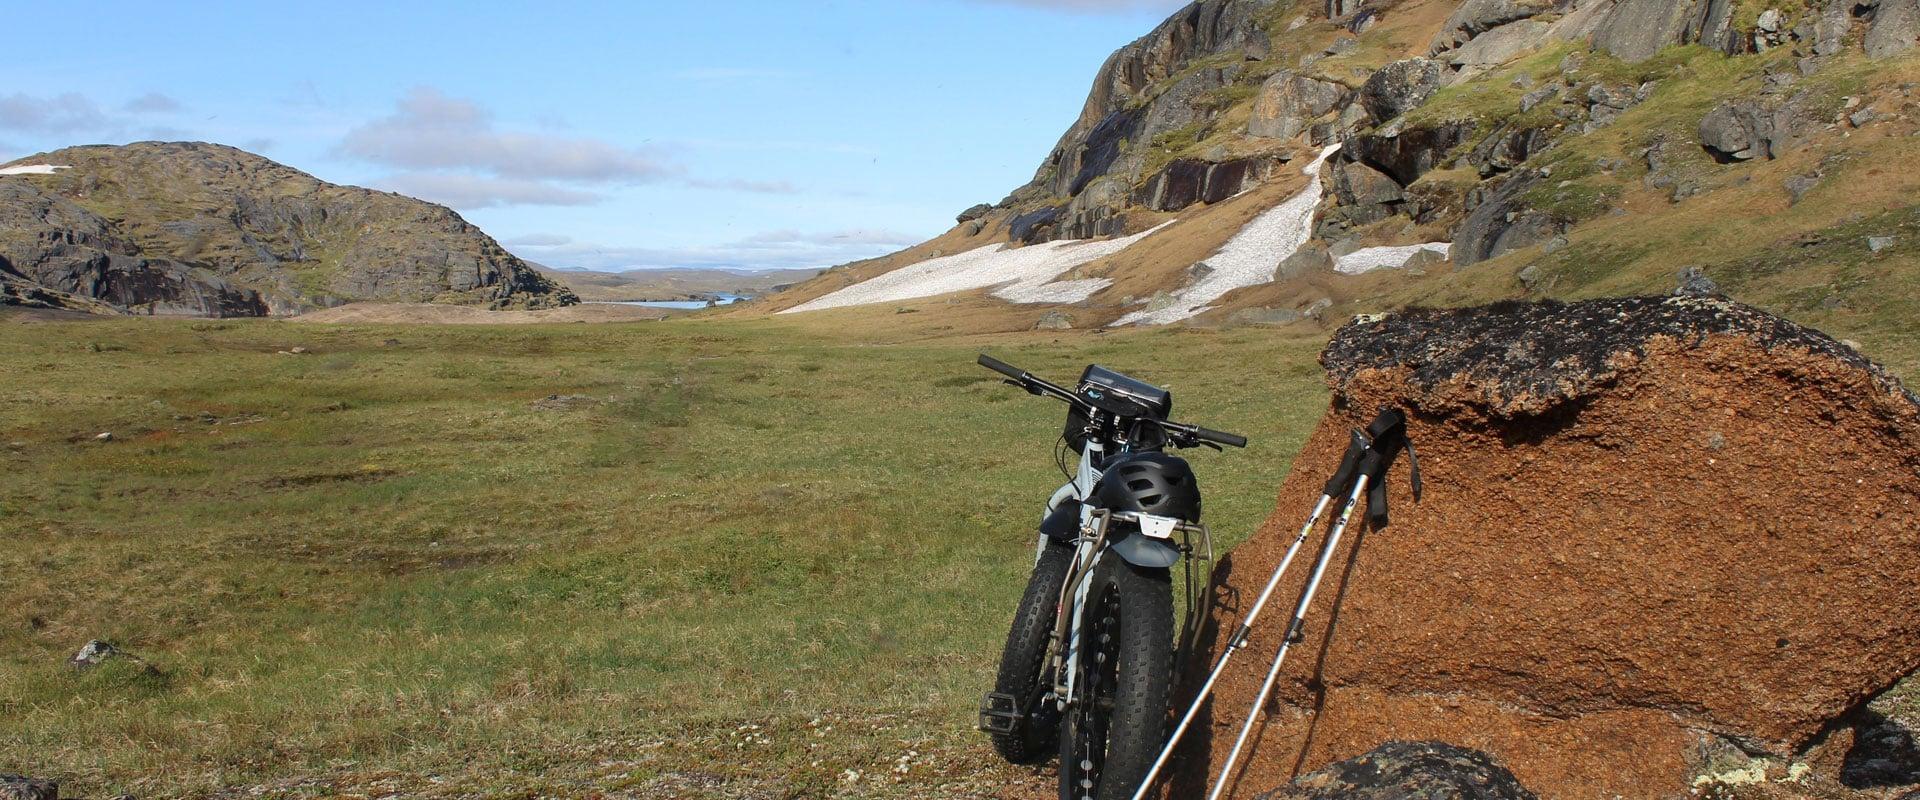 Bike excursion